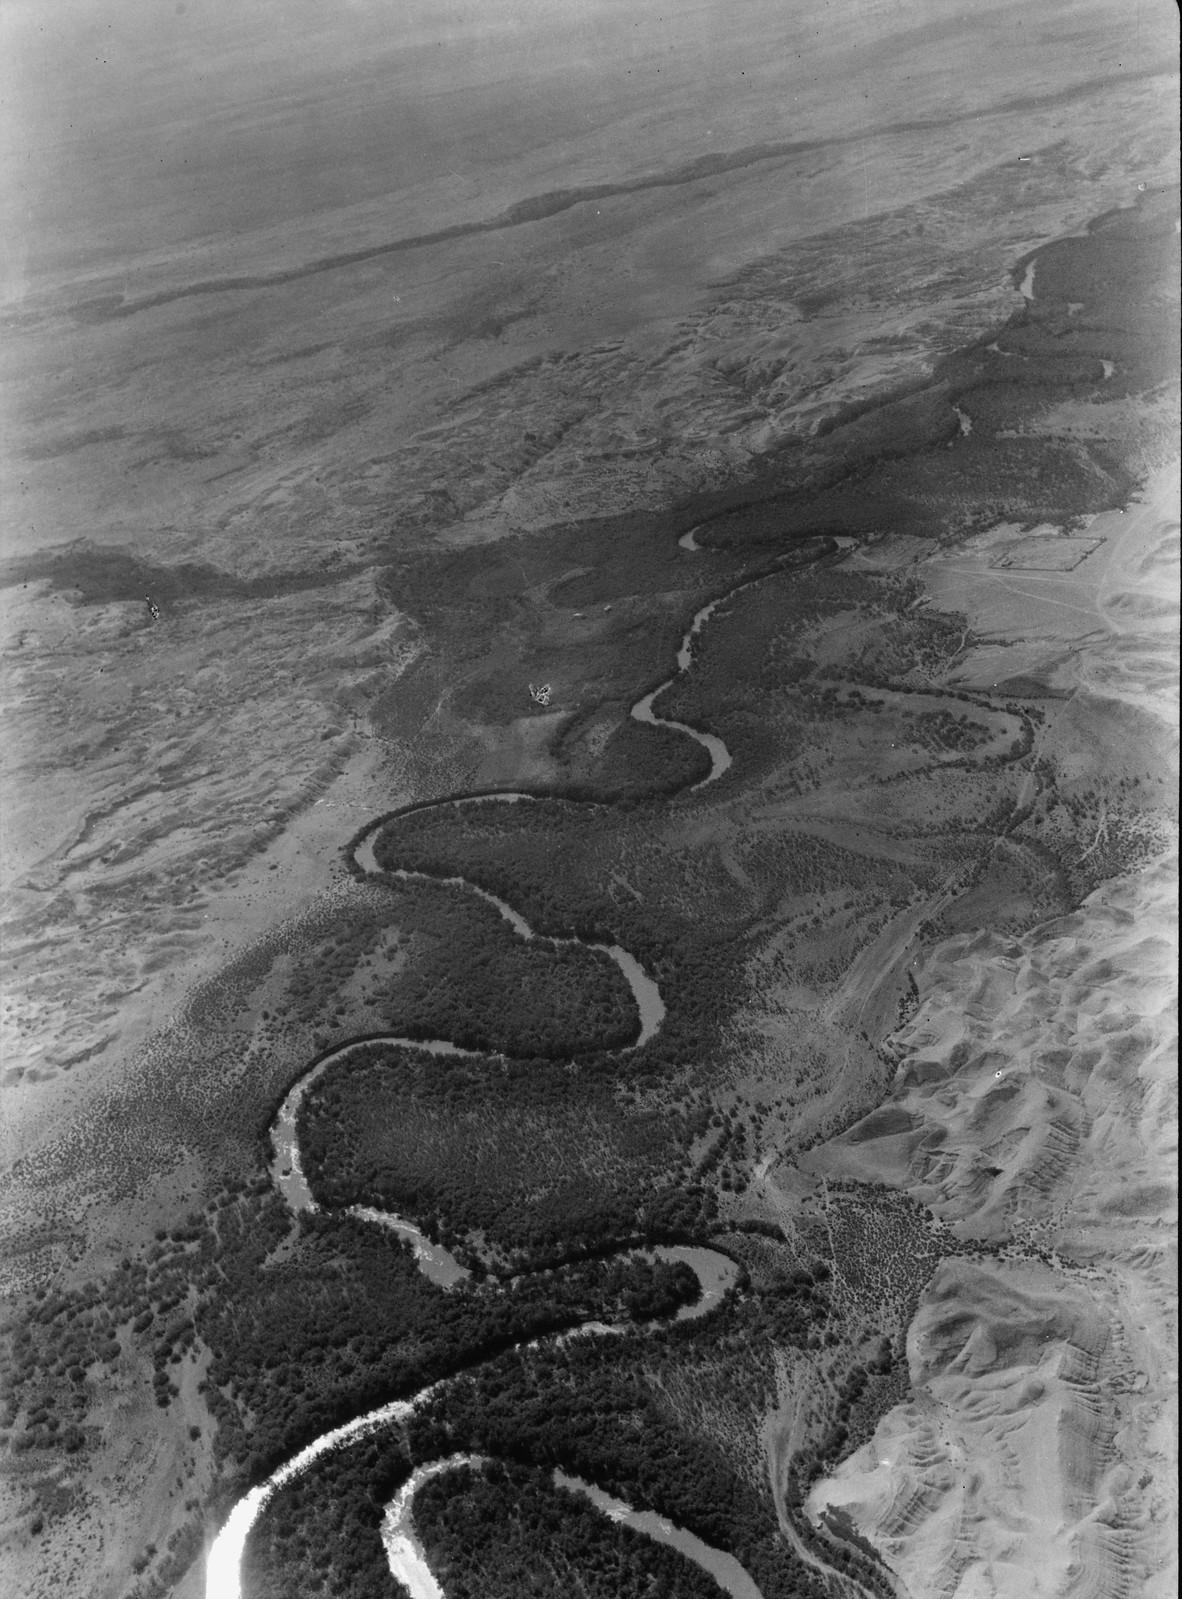 Полет на юг через Иорданский Разлом. Зигзагообразные извилины реки Иордан. Между Галилейским морем и Мертвым морем